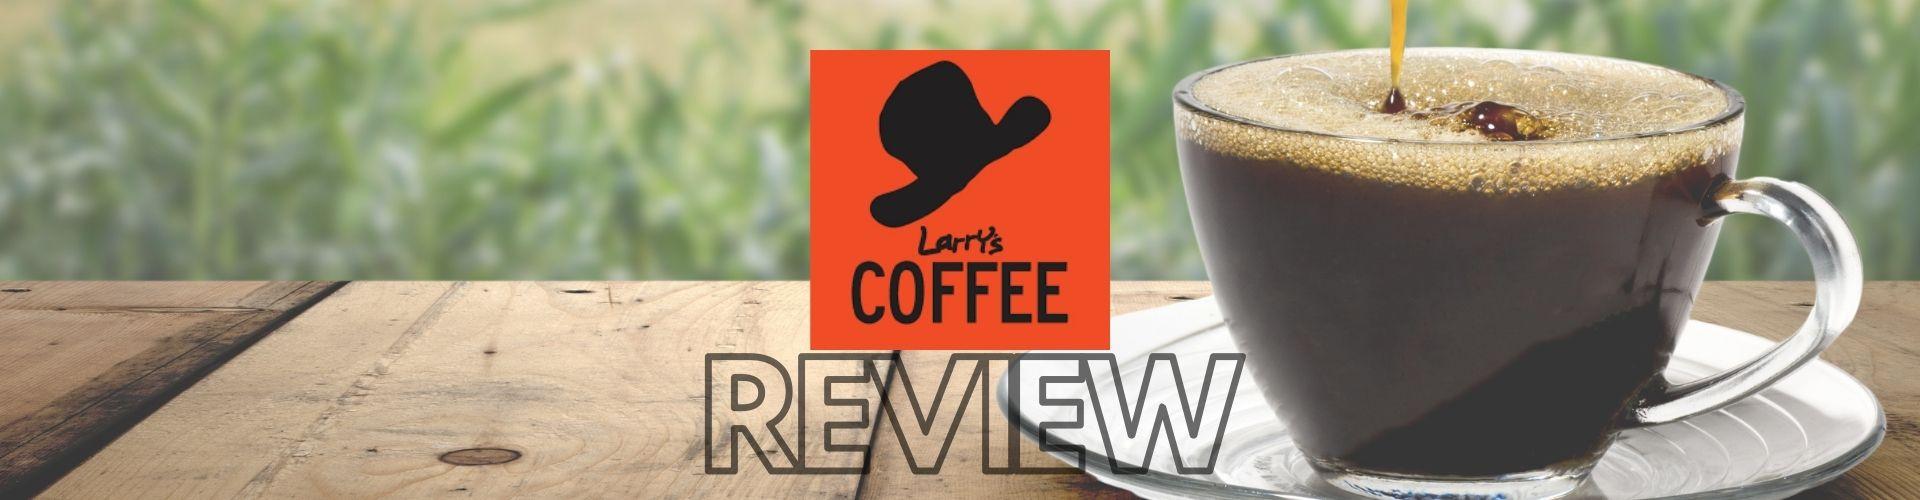 larrys coffee image